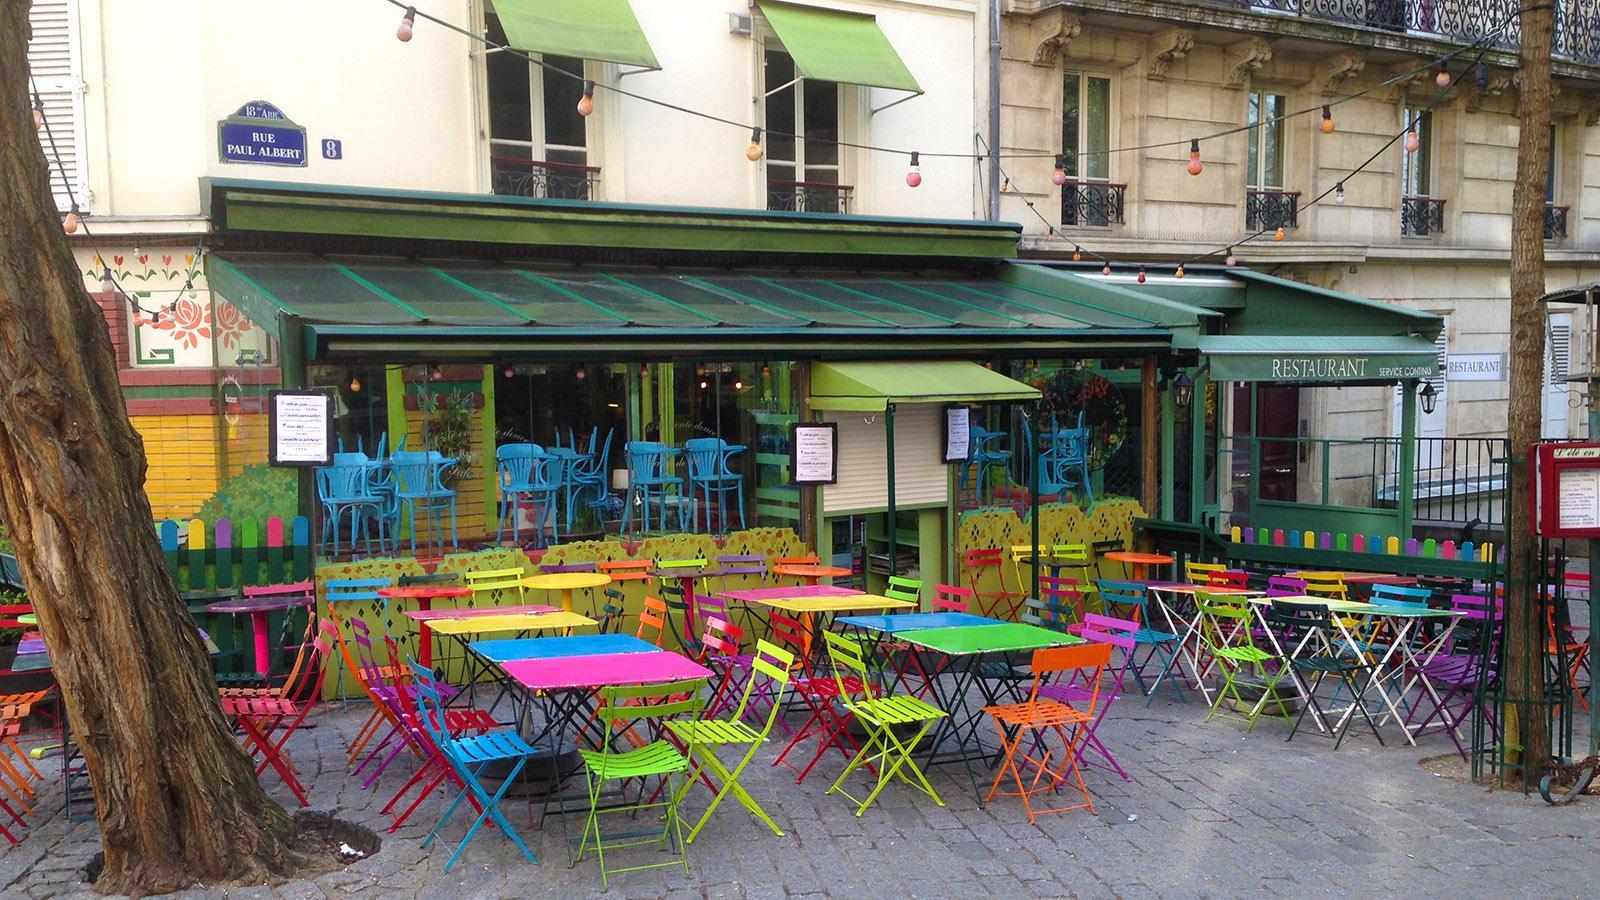 Kunterbunt an der frischen Luft: eine Caféterrasse an der Rue Paul Aubert